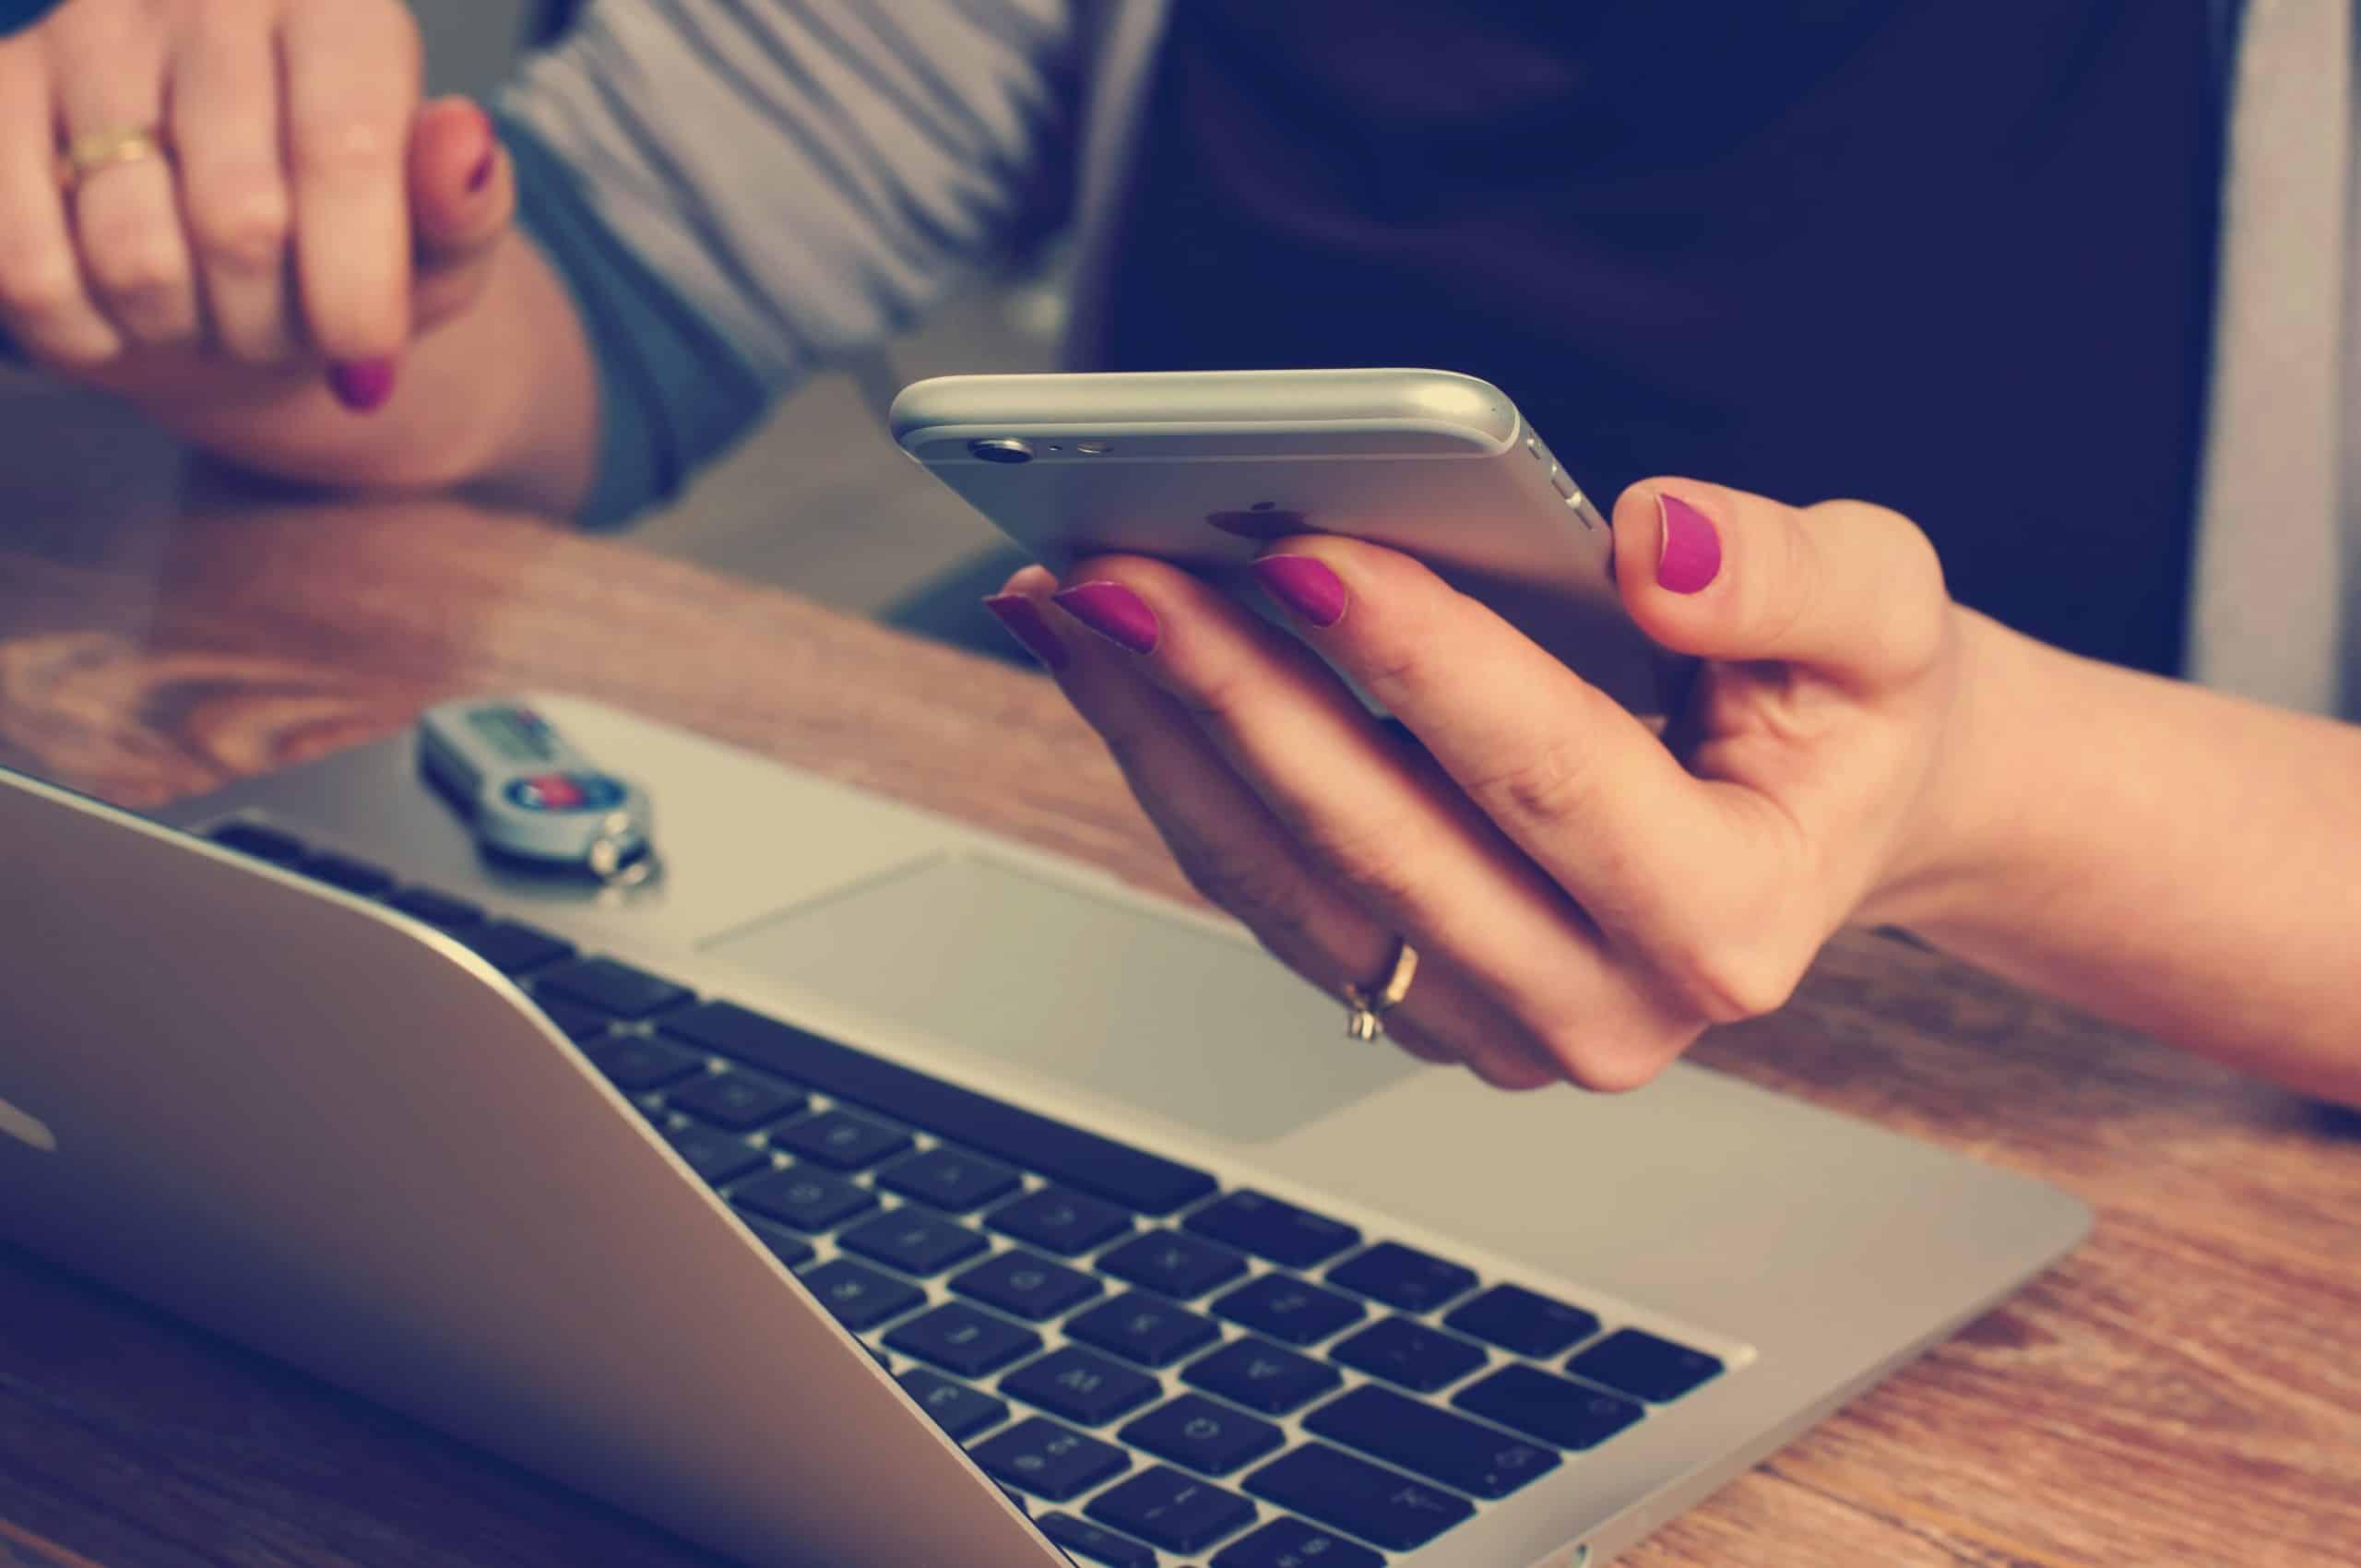 encontre o melhor curso de marketing digital para 2021 e 2022 aqui